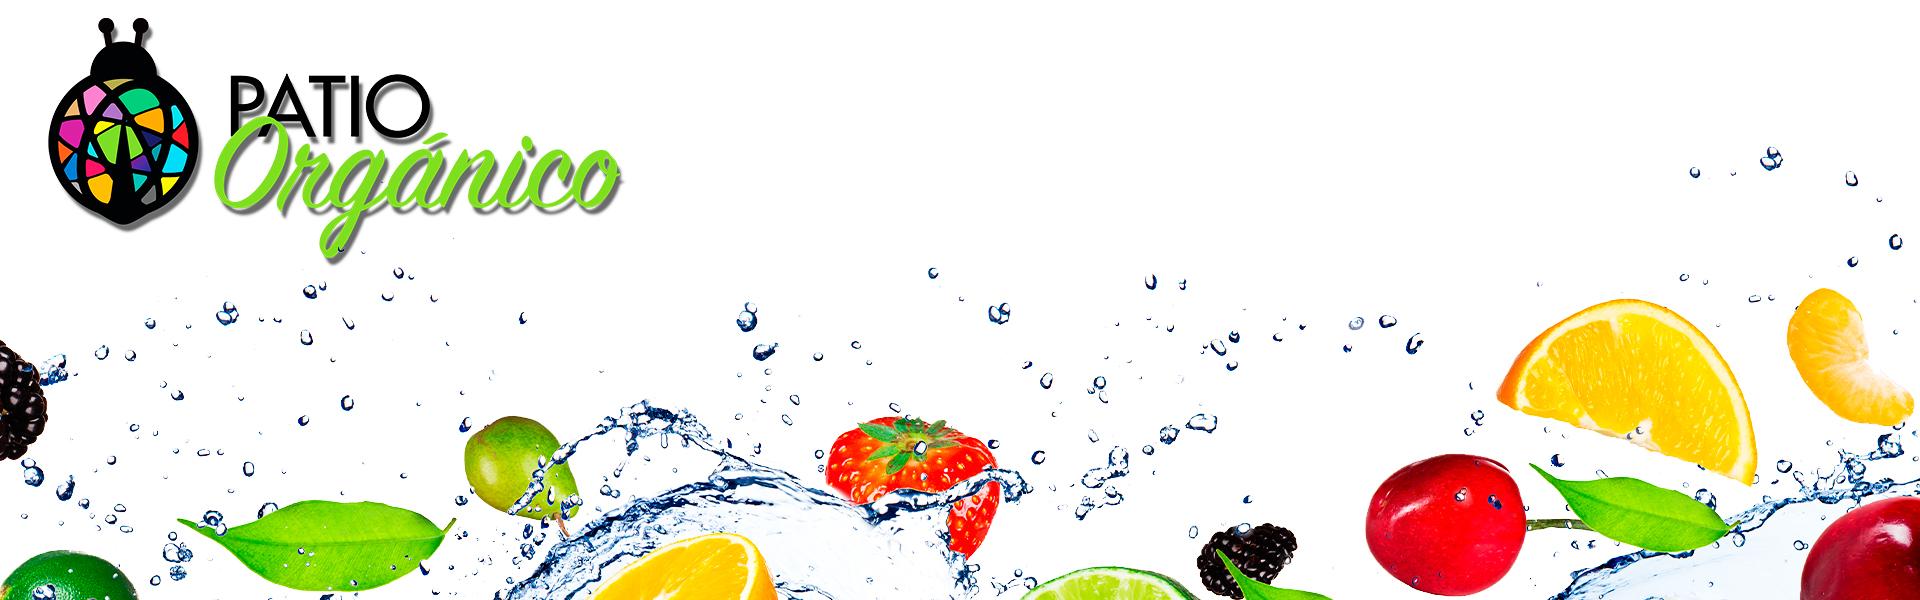 Higienismo-'El-arte-de-vivir'